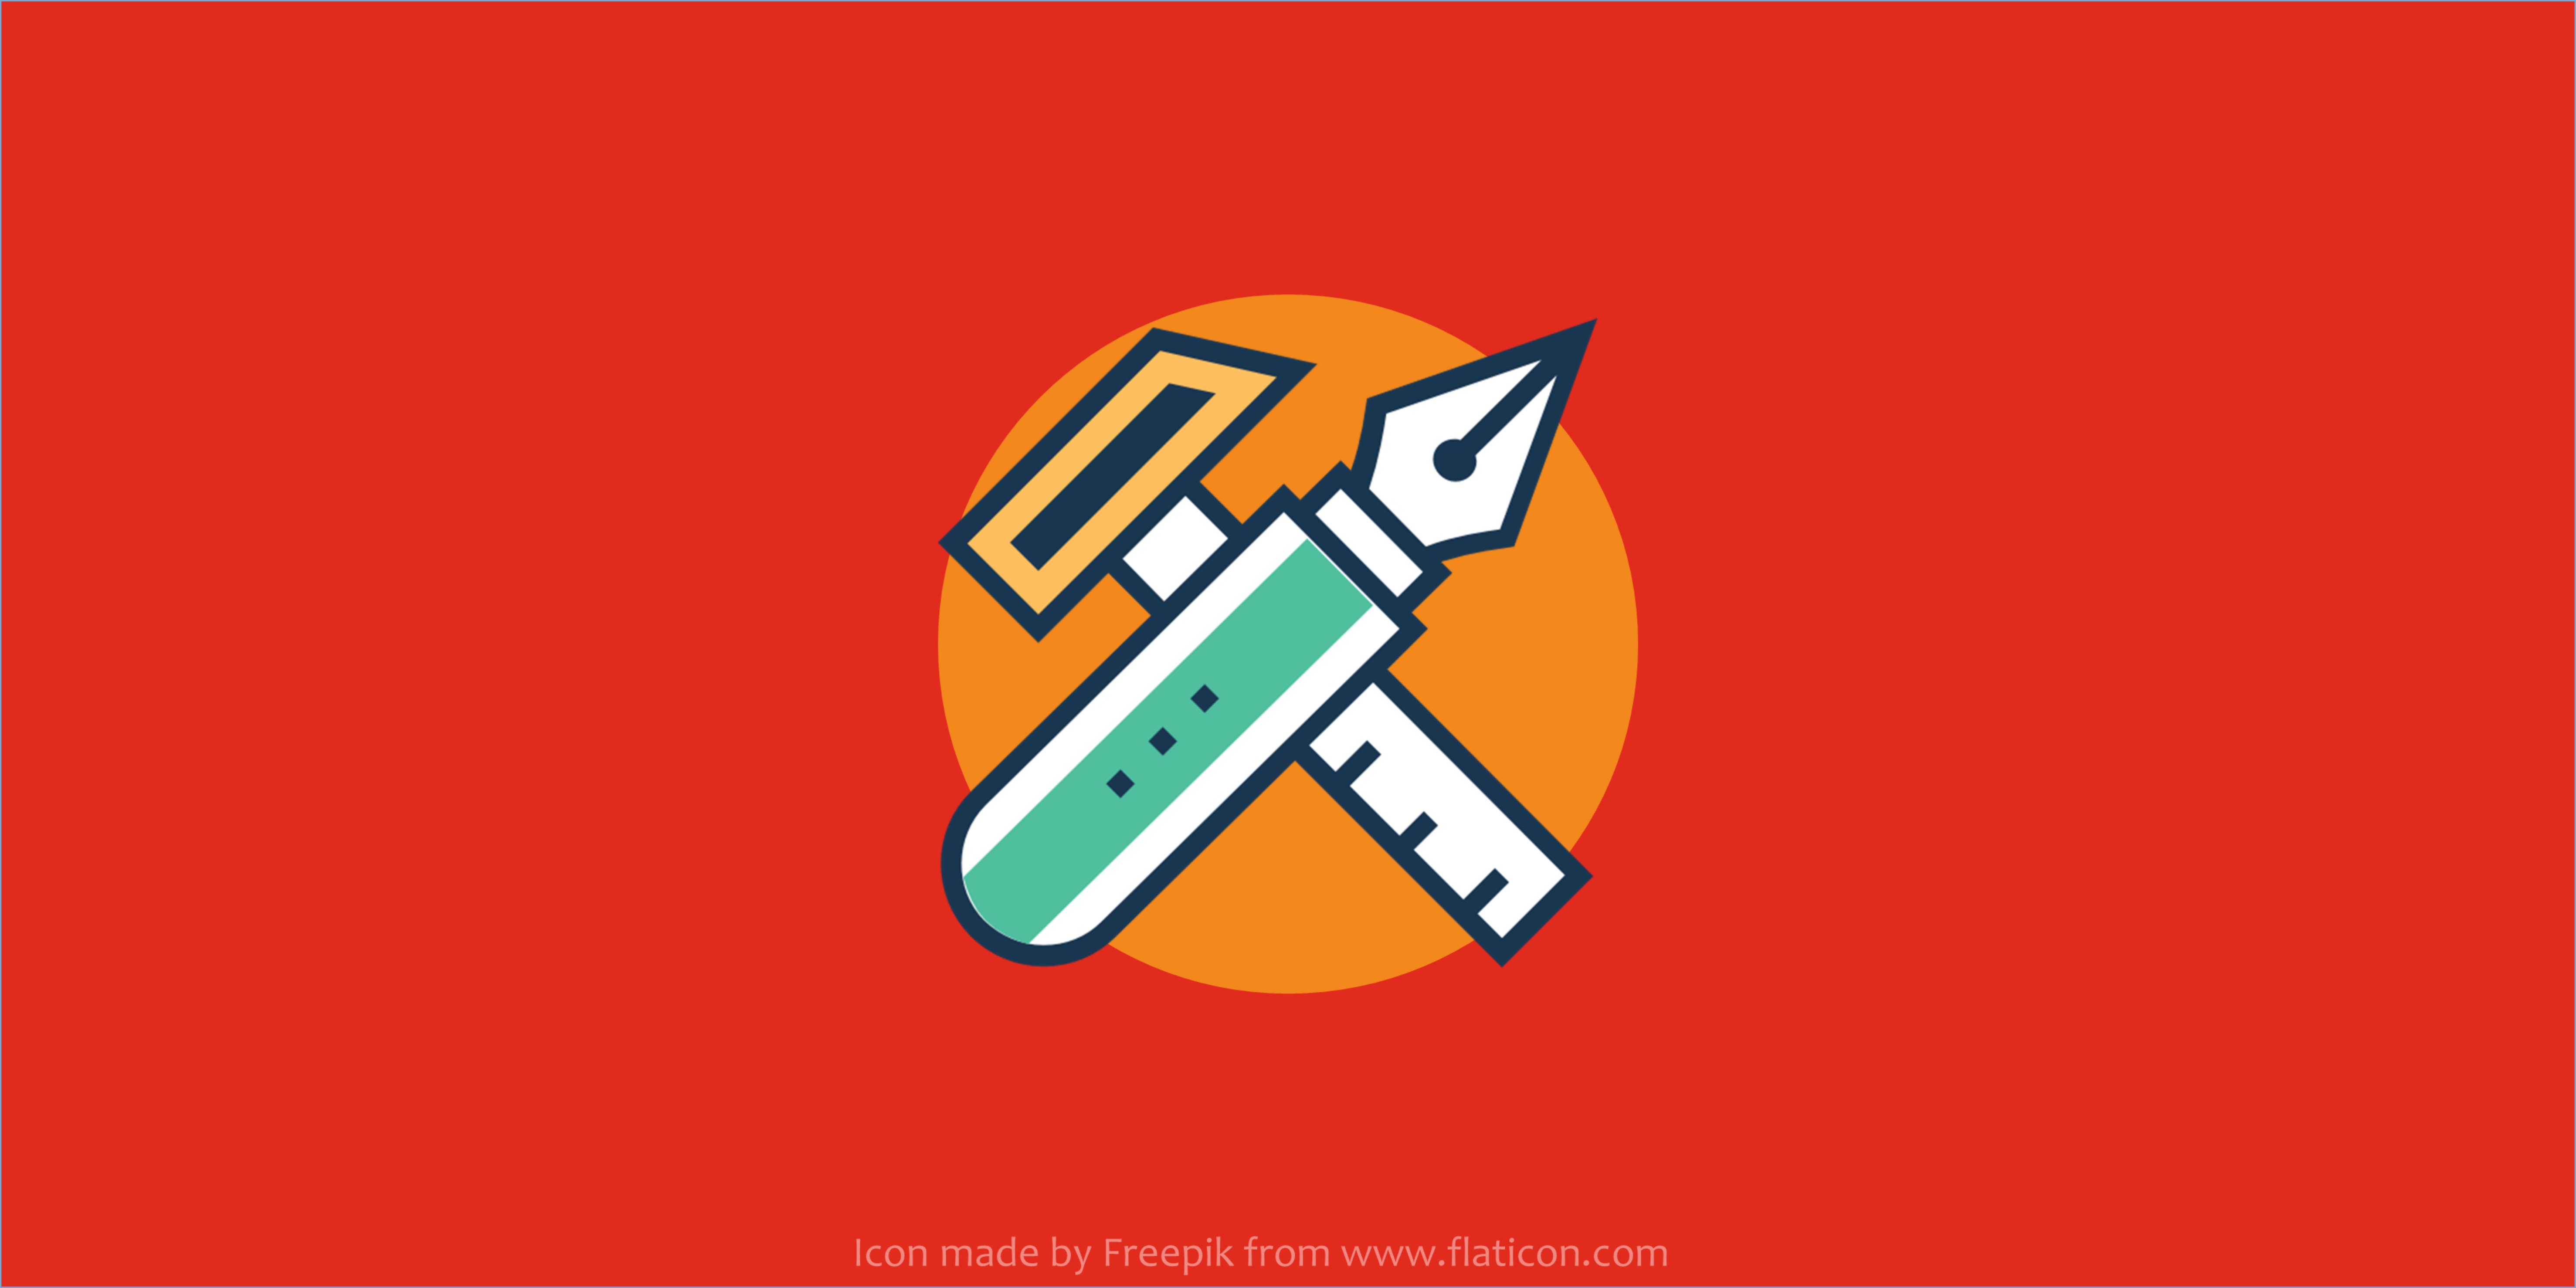 Ferramentas de design gráfico gratuitas